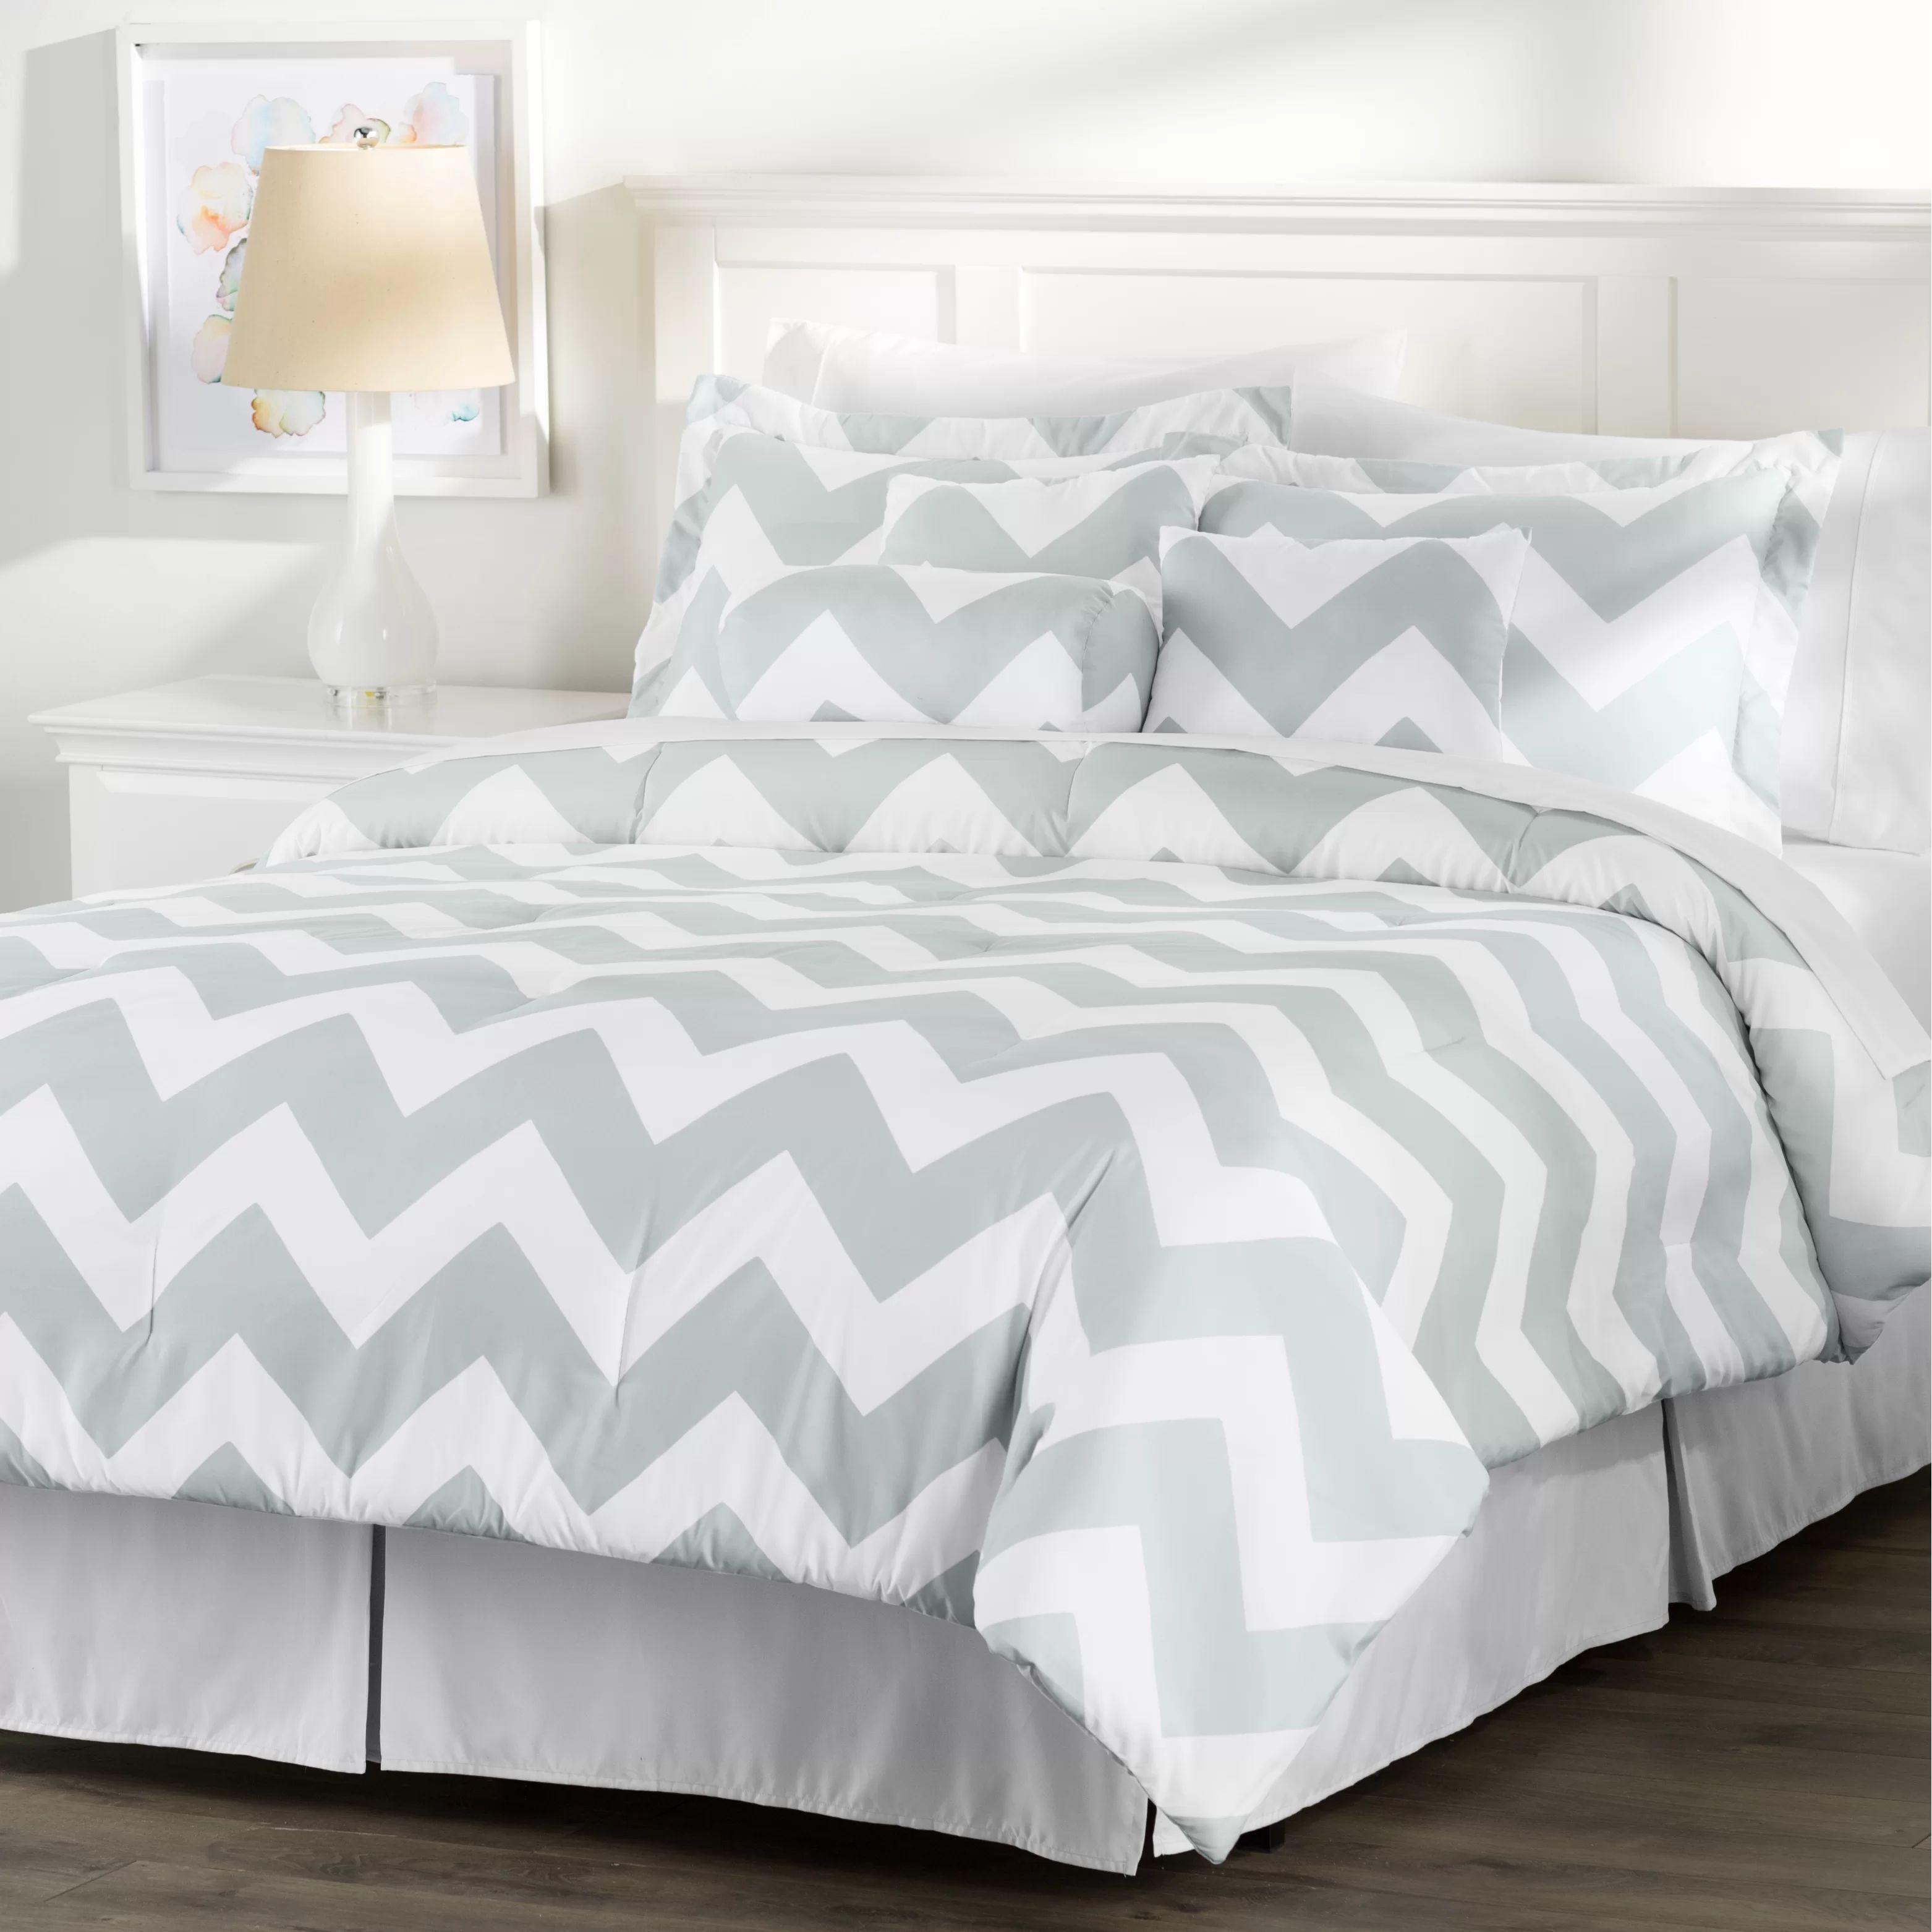 Wayfair basics wayfair basics 7 piece comforter set